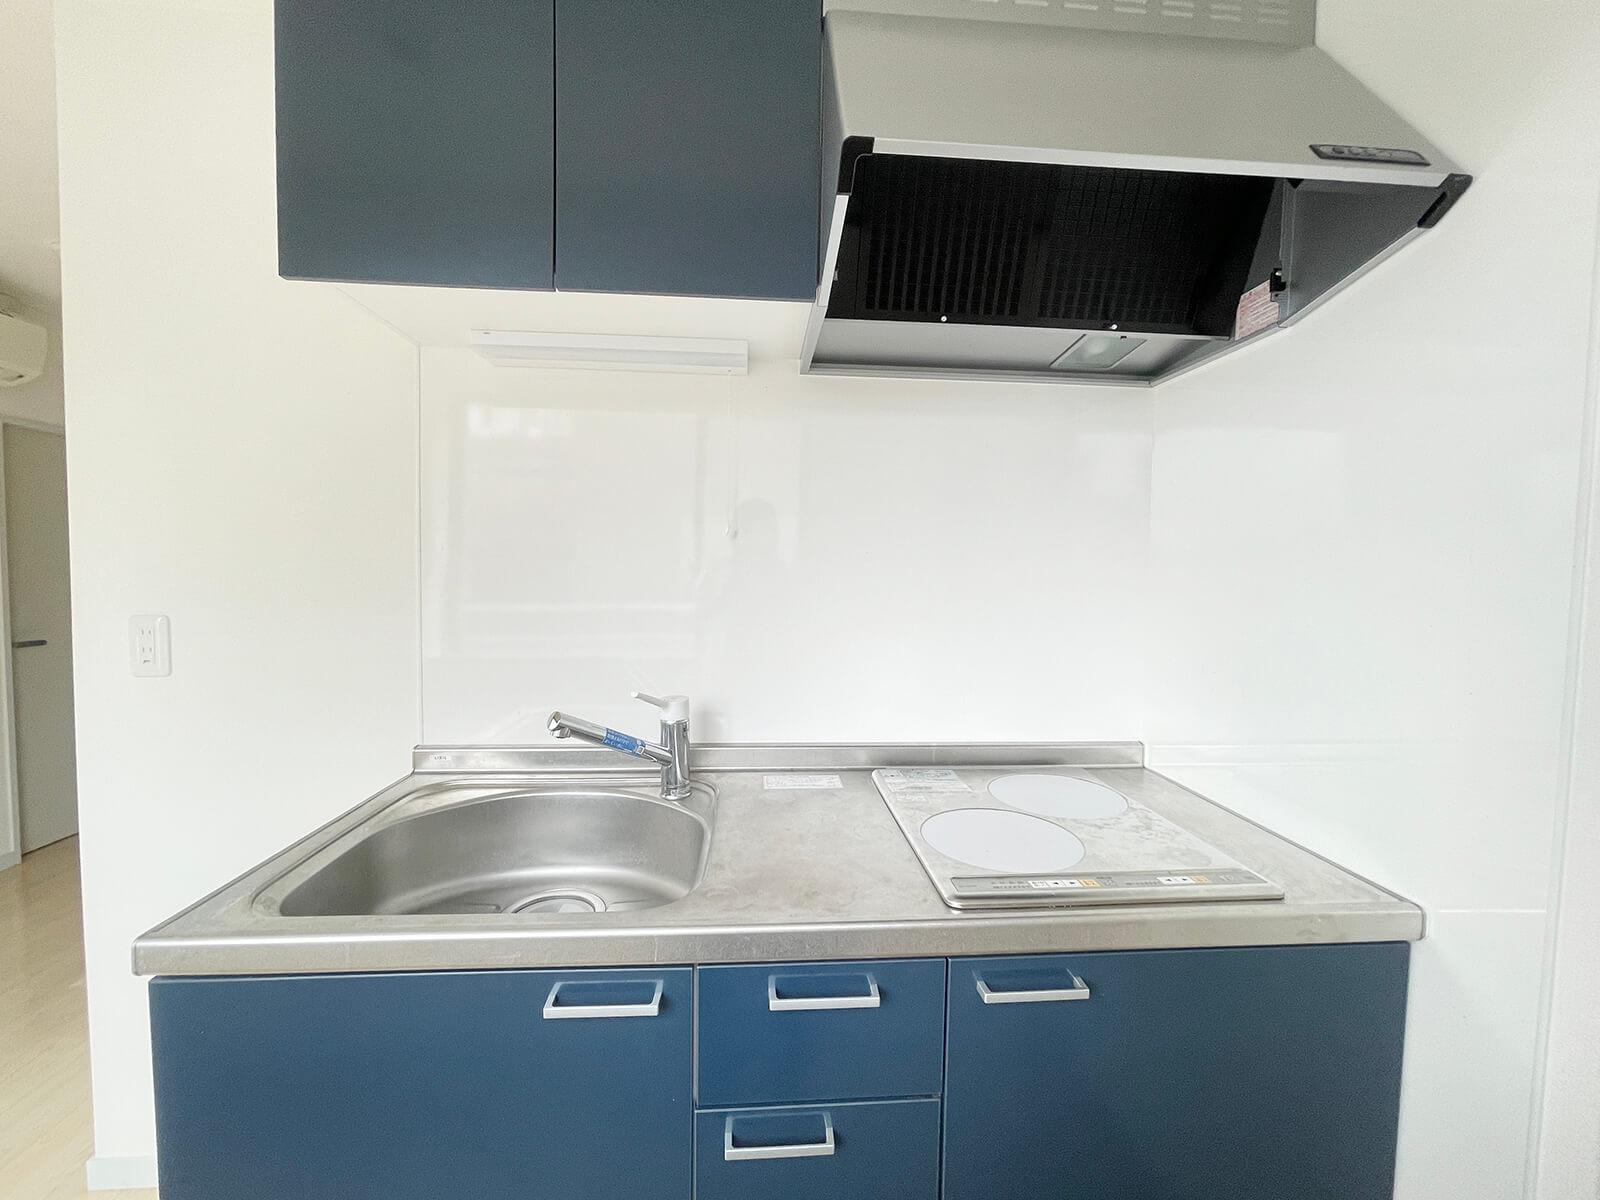 501号室キッチン 内装と設備はホワイトとネイビーでシックにまとめられてますにゃ。